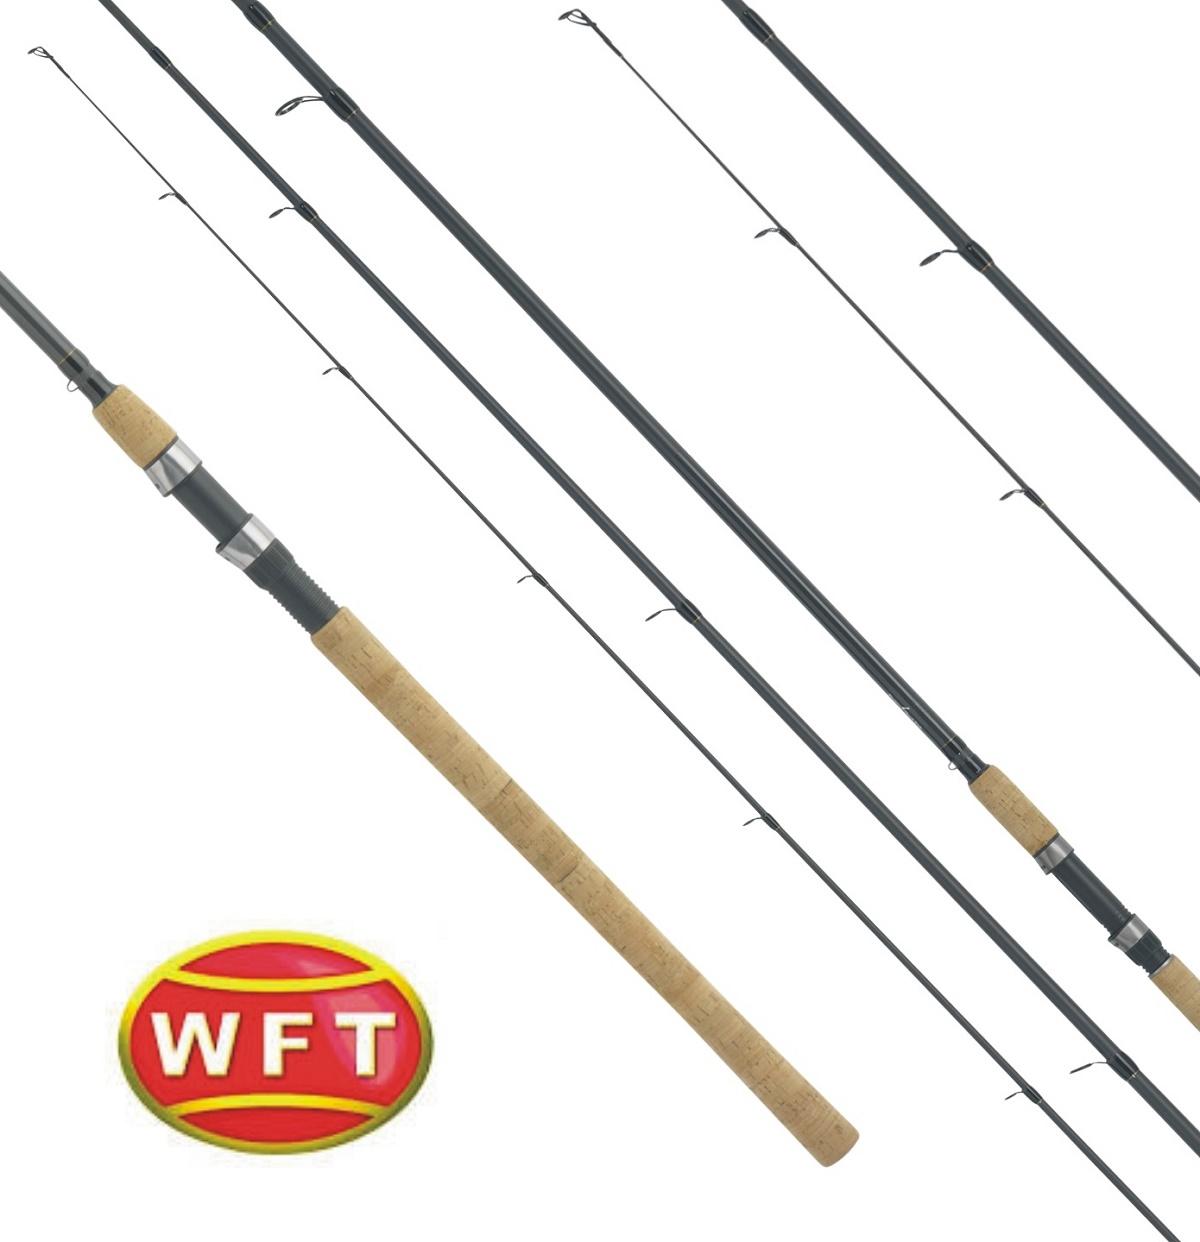 WFT GHOSTRIDER Match trout 3,30 m/3-18 g